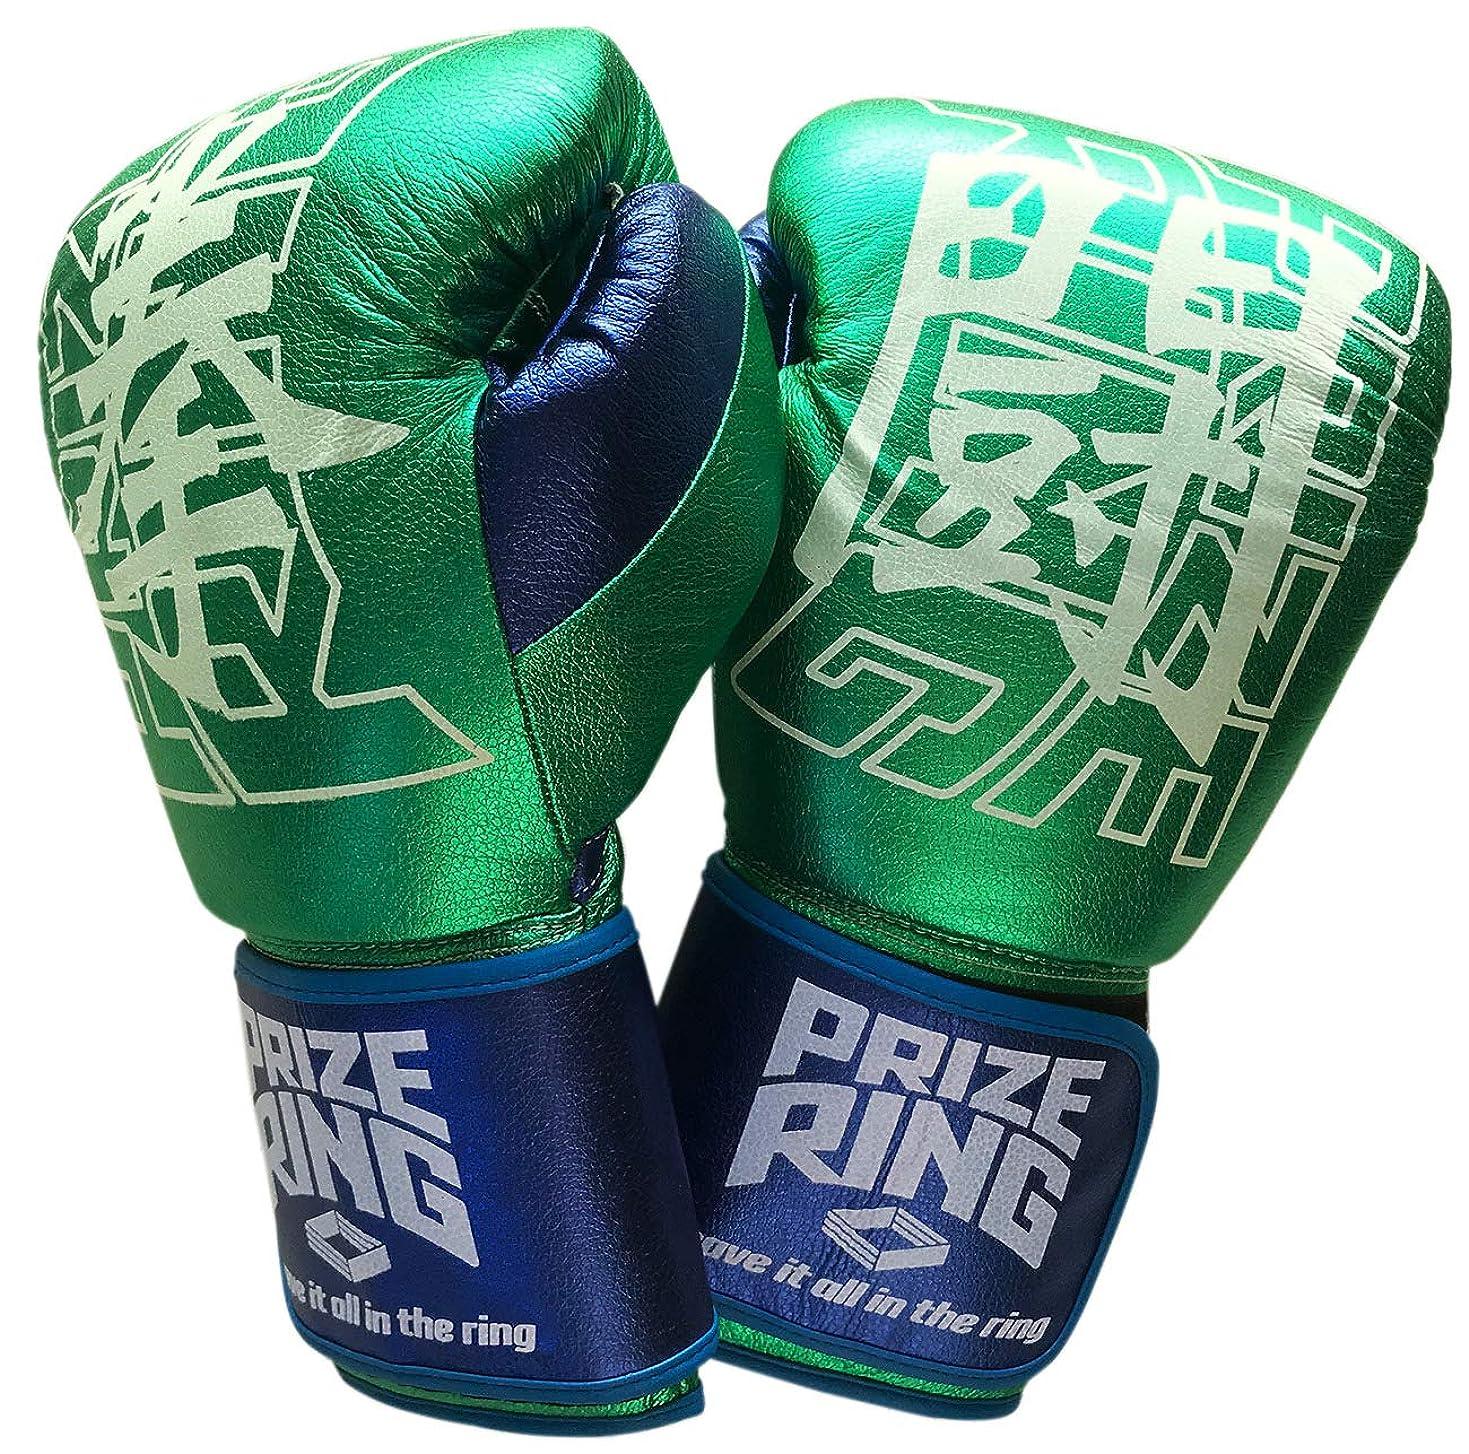 無臭対立敬意【PRIZE RING/プライズリング】ボクシンググローブ 本牛革製 《アウトレット品》メタリックグリーン/ブルー 14オンス (14)